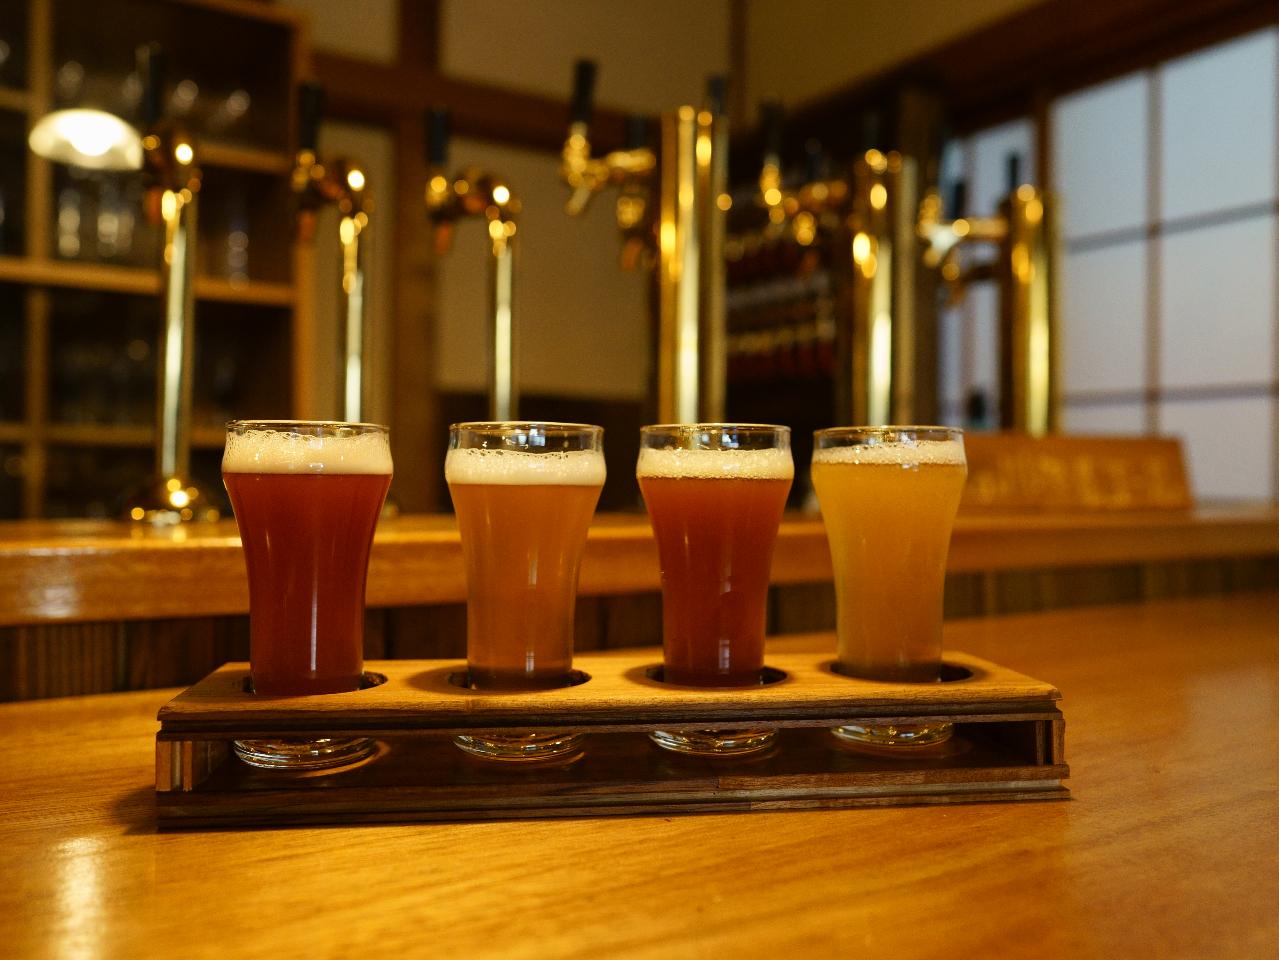 【発酵の町沼垂のクラフトビール 飲み比べ体験】~★クラフトビール4種飲み比べ★~...